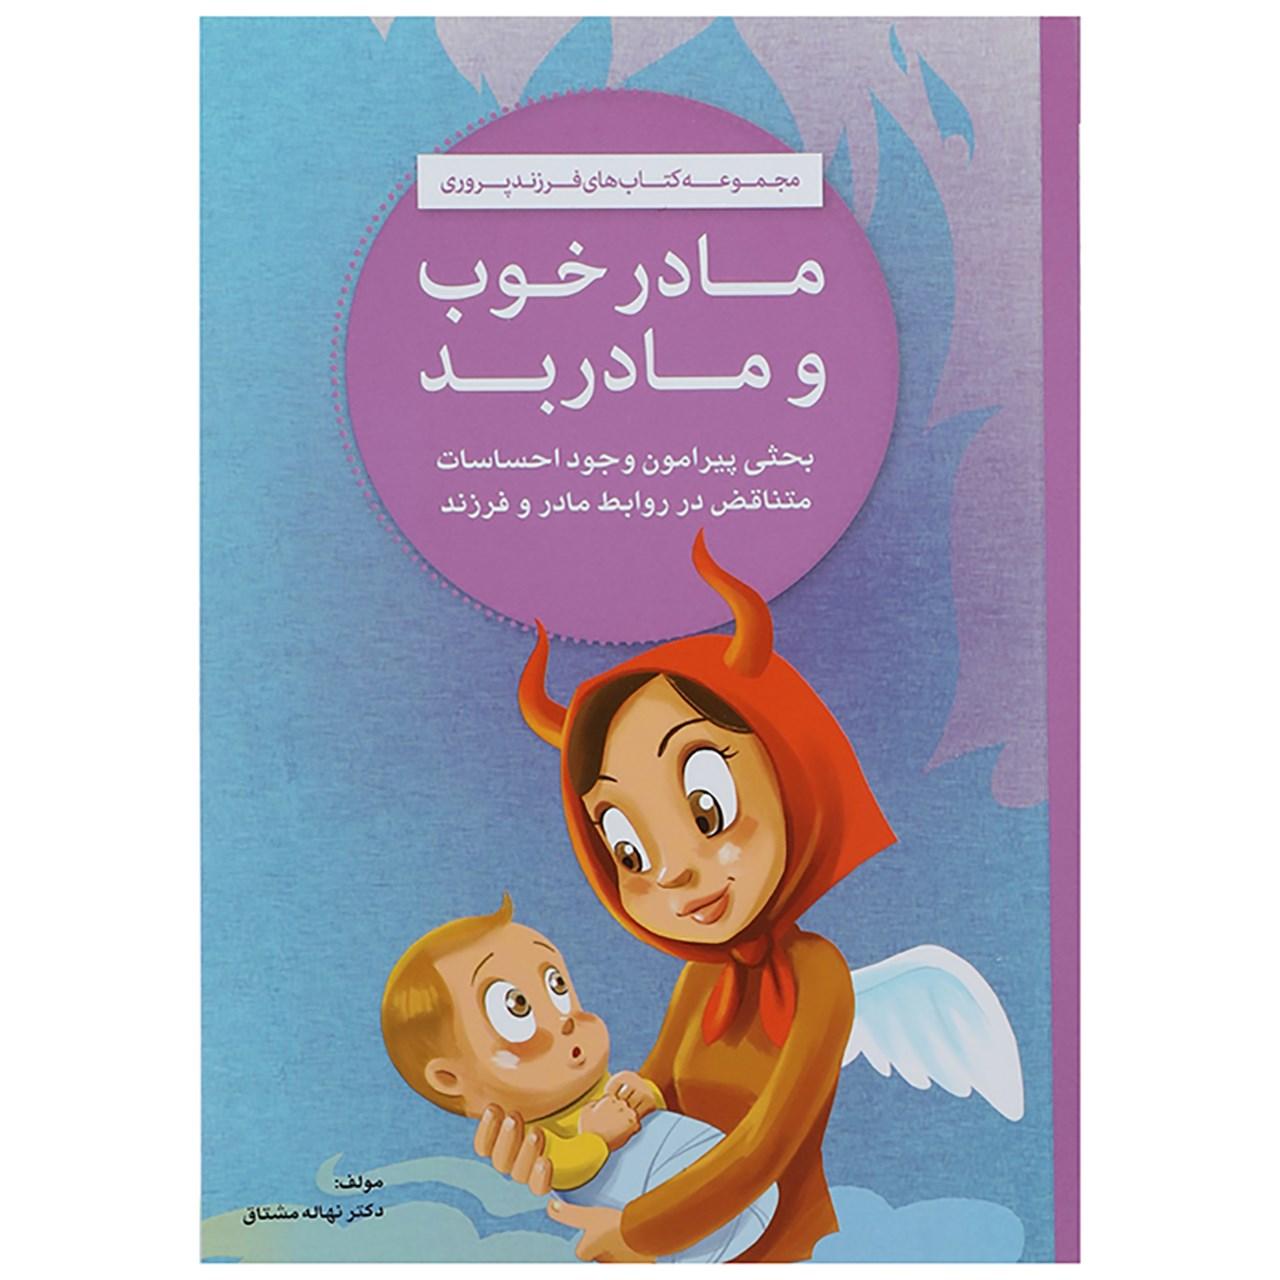 کتاب مادر خوب و مادر بد اثر نهاله مشتاق